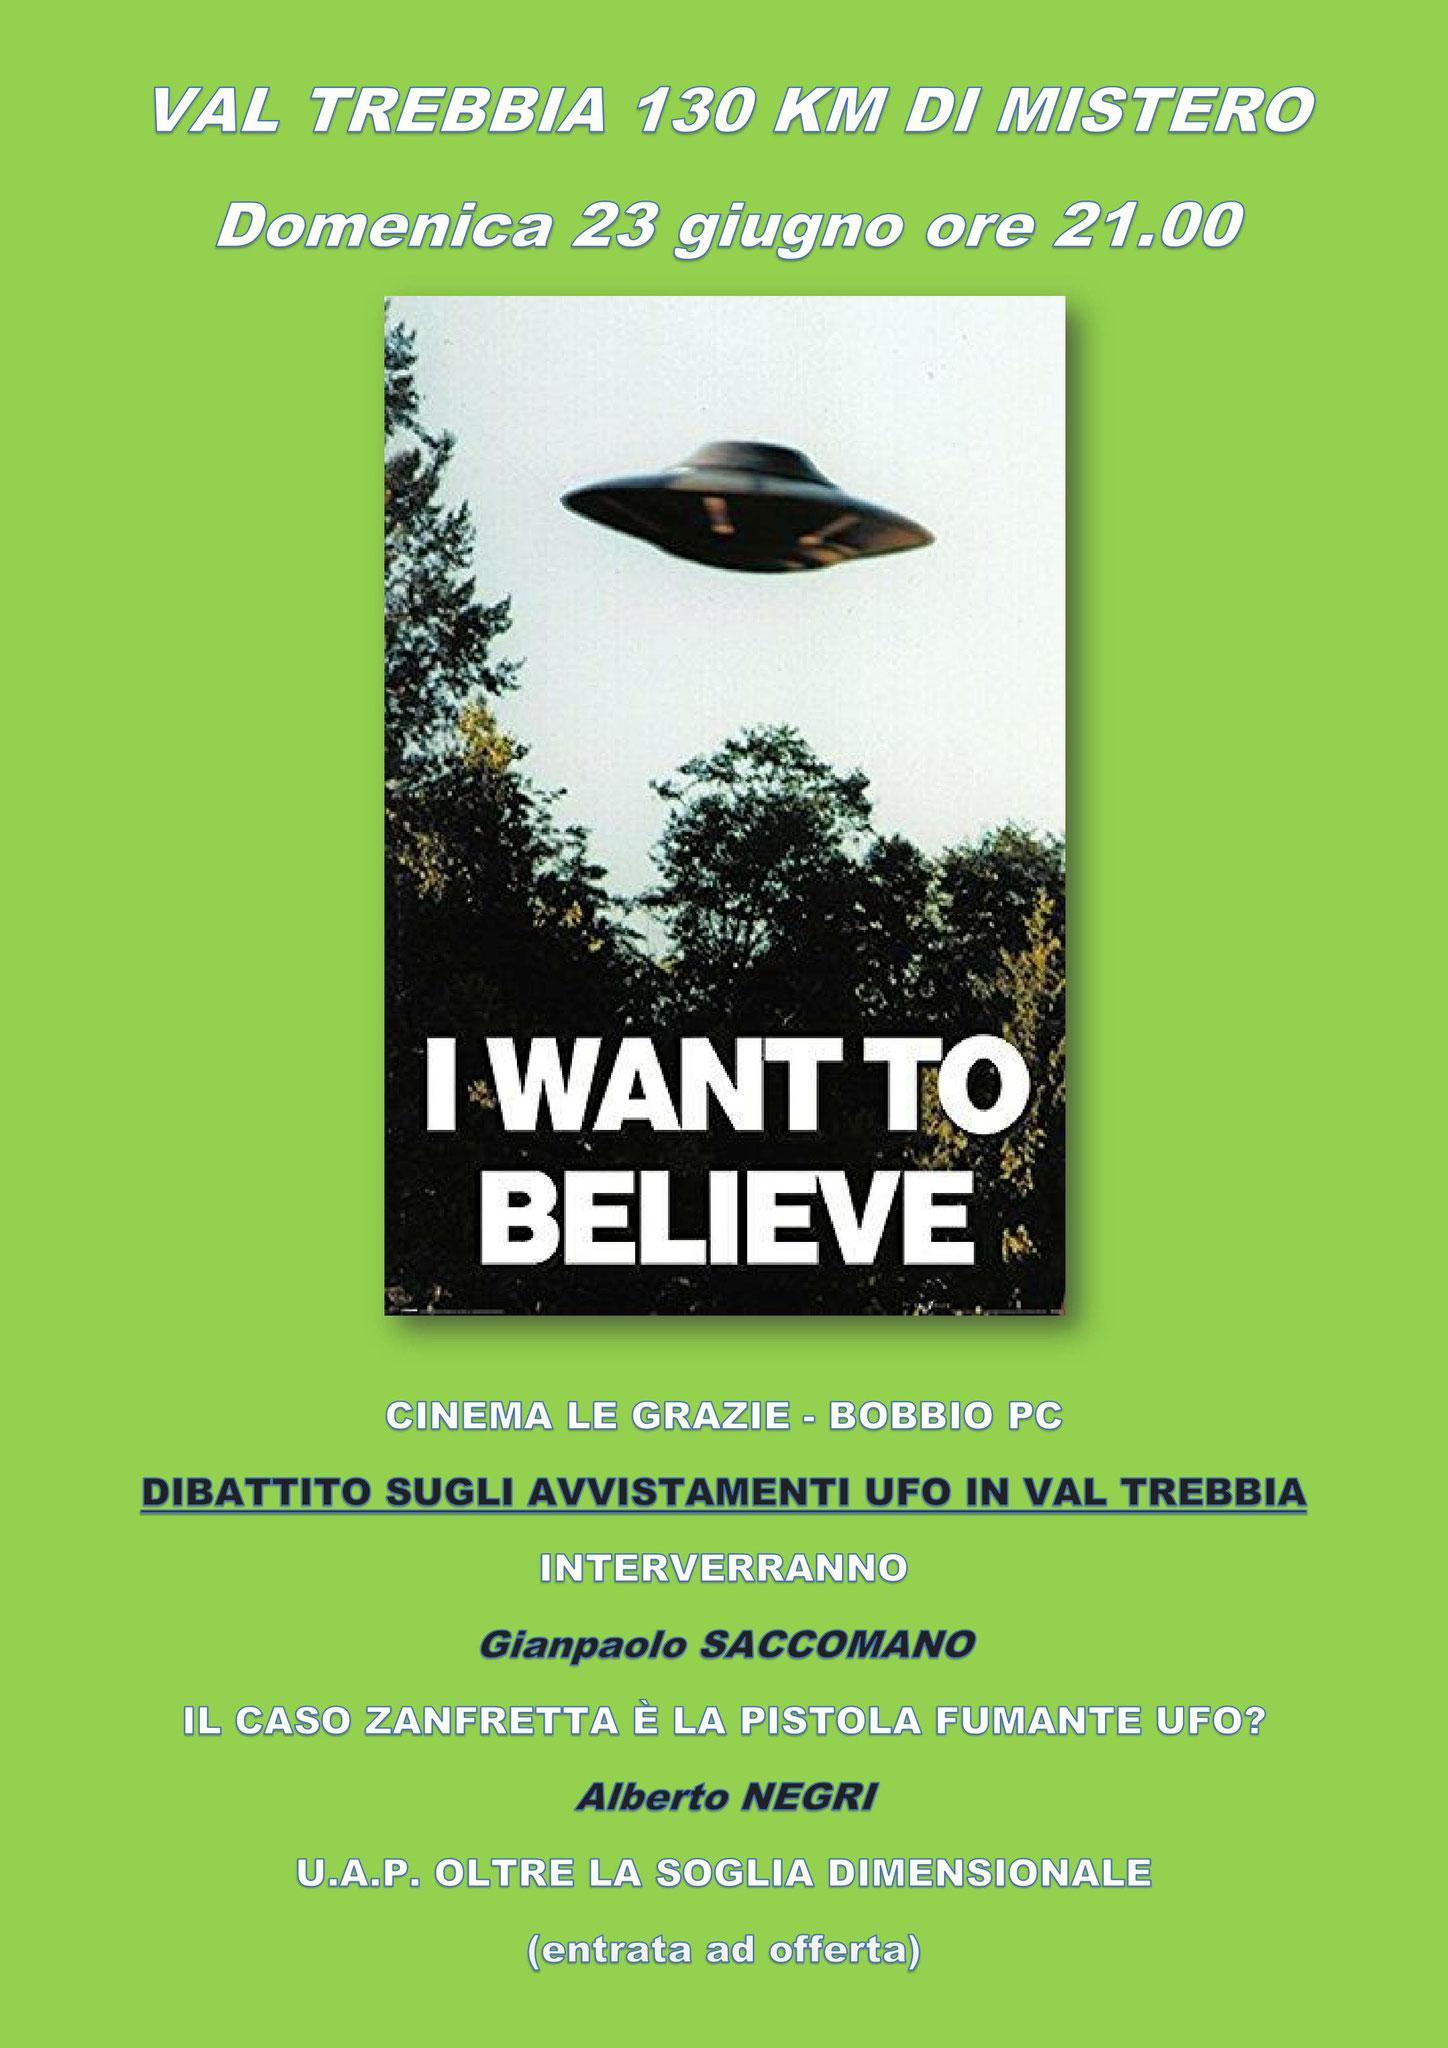 VAL TREBBIA 130 KM DI MISTERO Domenica 23 giugno ore 21.00 DIBATTITO SUGLI AVVISTAMENTI UFO IN VAL TREBBIA INTERVERRANNO: Gianpaolo SACCOMANO IL CASO ZANFRETTA È LA PISOLA FUMANTE UFO? Alberto NEGRI  U.A.P. OLTRE LA SOGLIA DIMENSIONALE